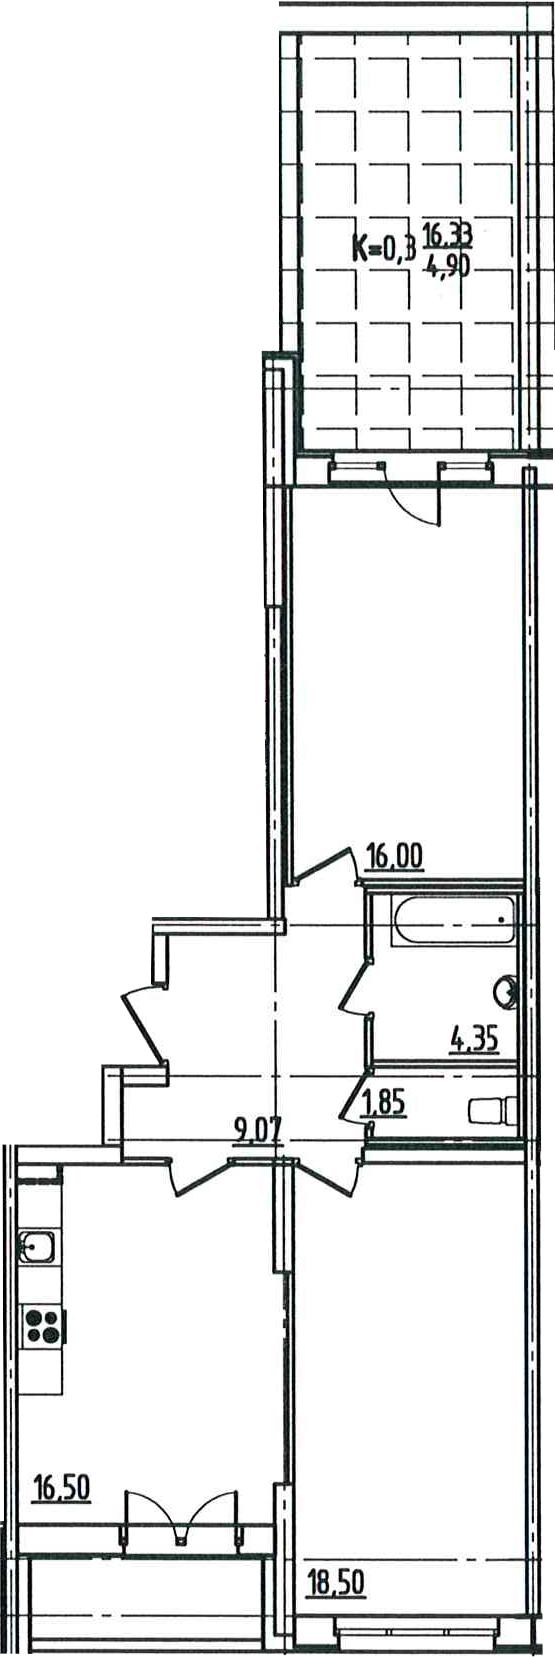 3-к.кв (евро), 86.02 м²